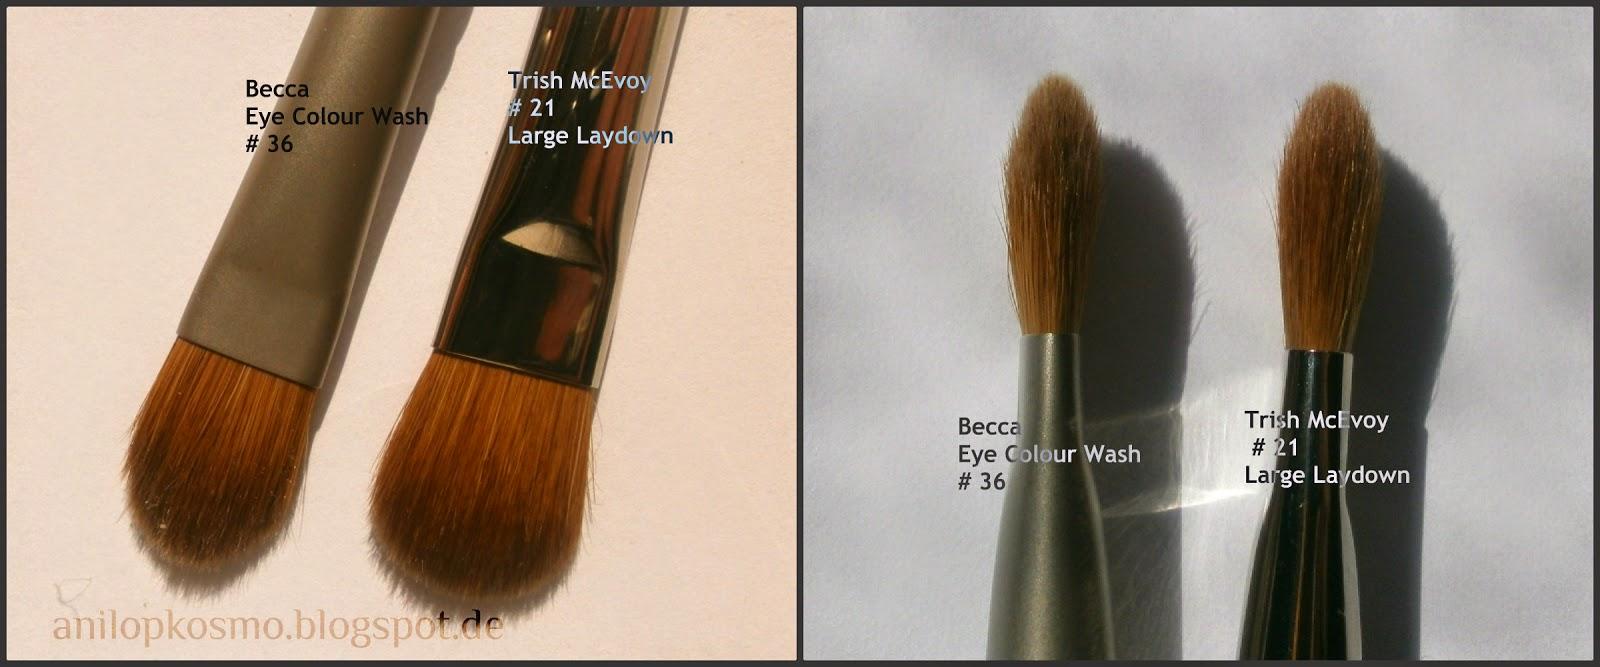 кисти для макияжа из ворса соболя, колонка, Бекка, Триш МакЭвой, отзыв